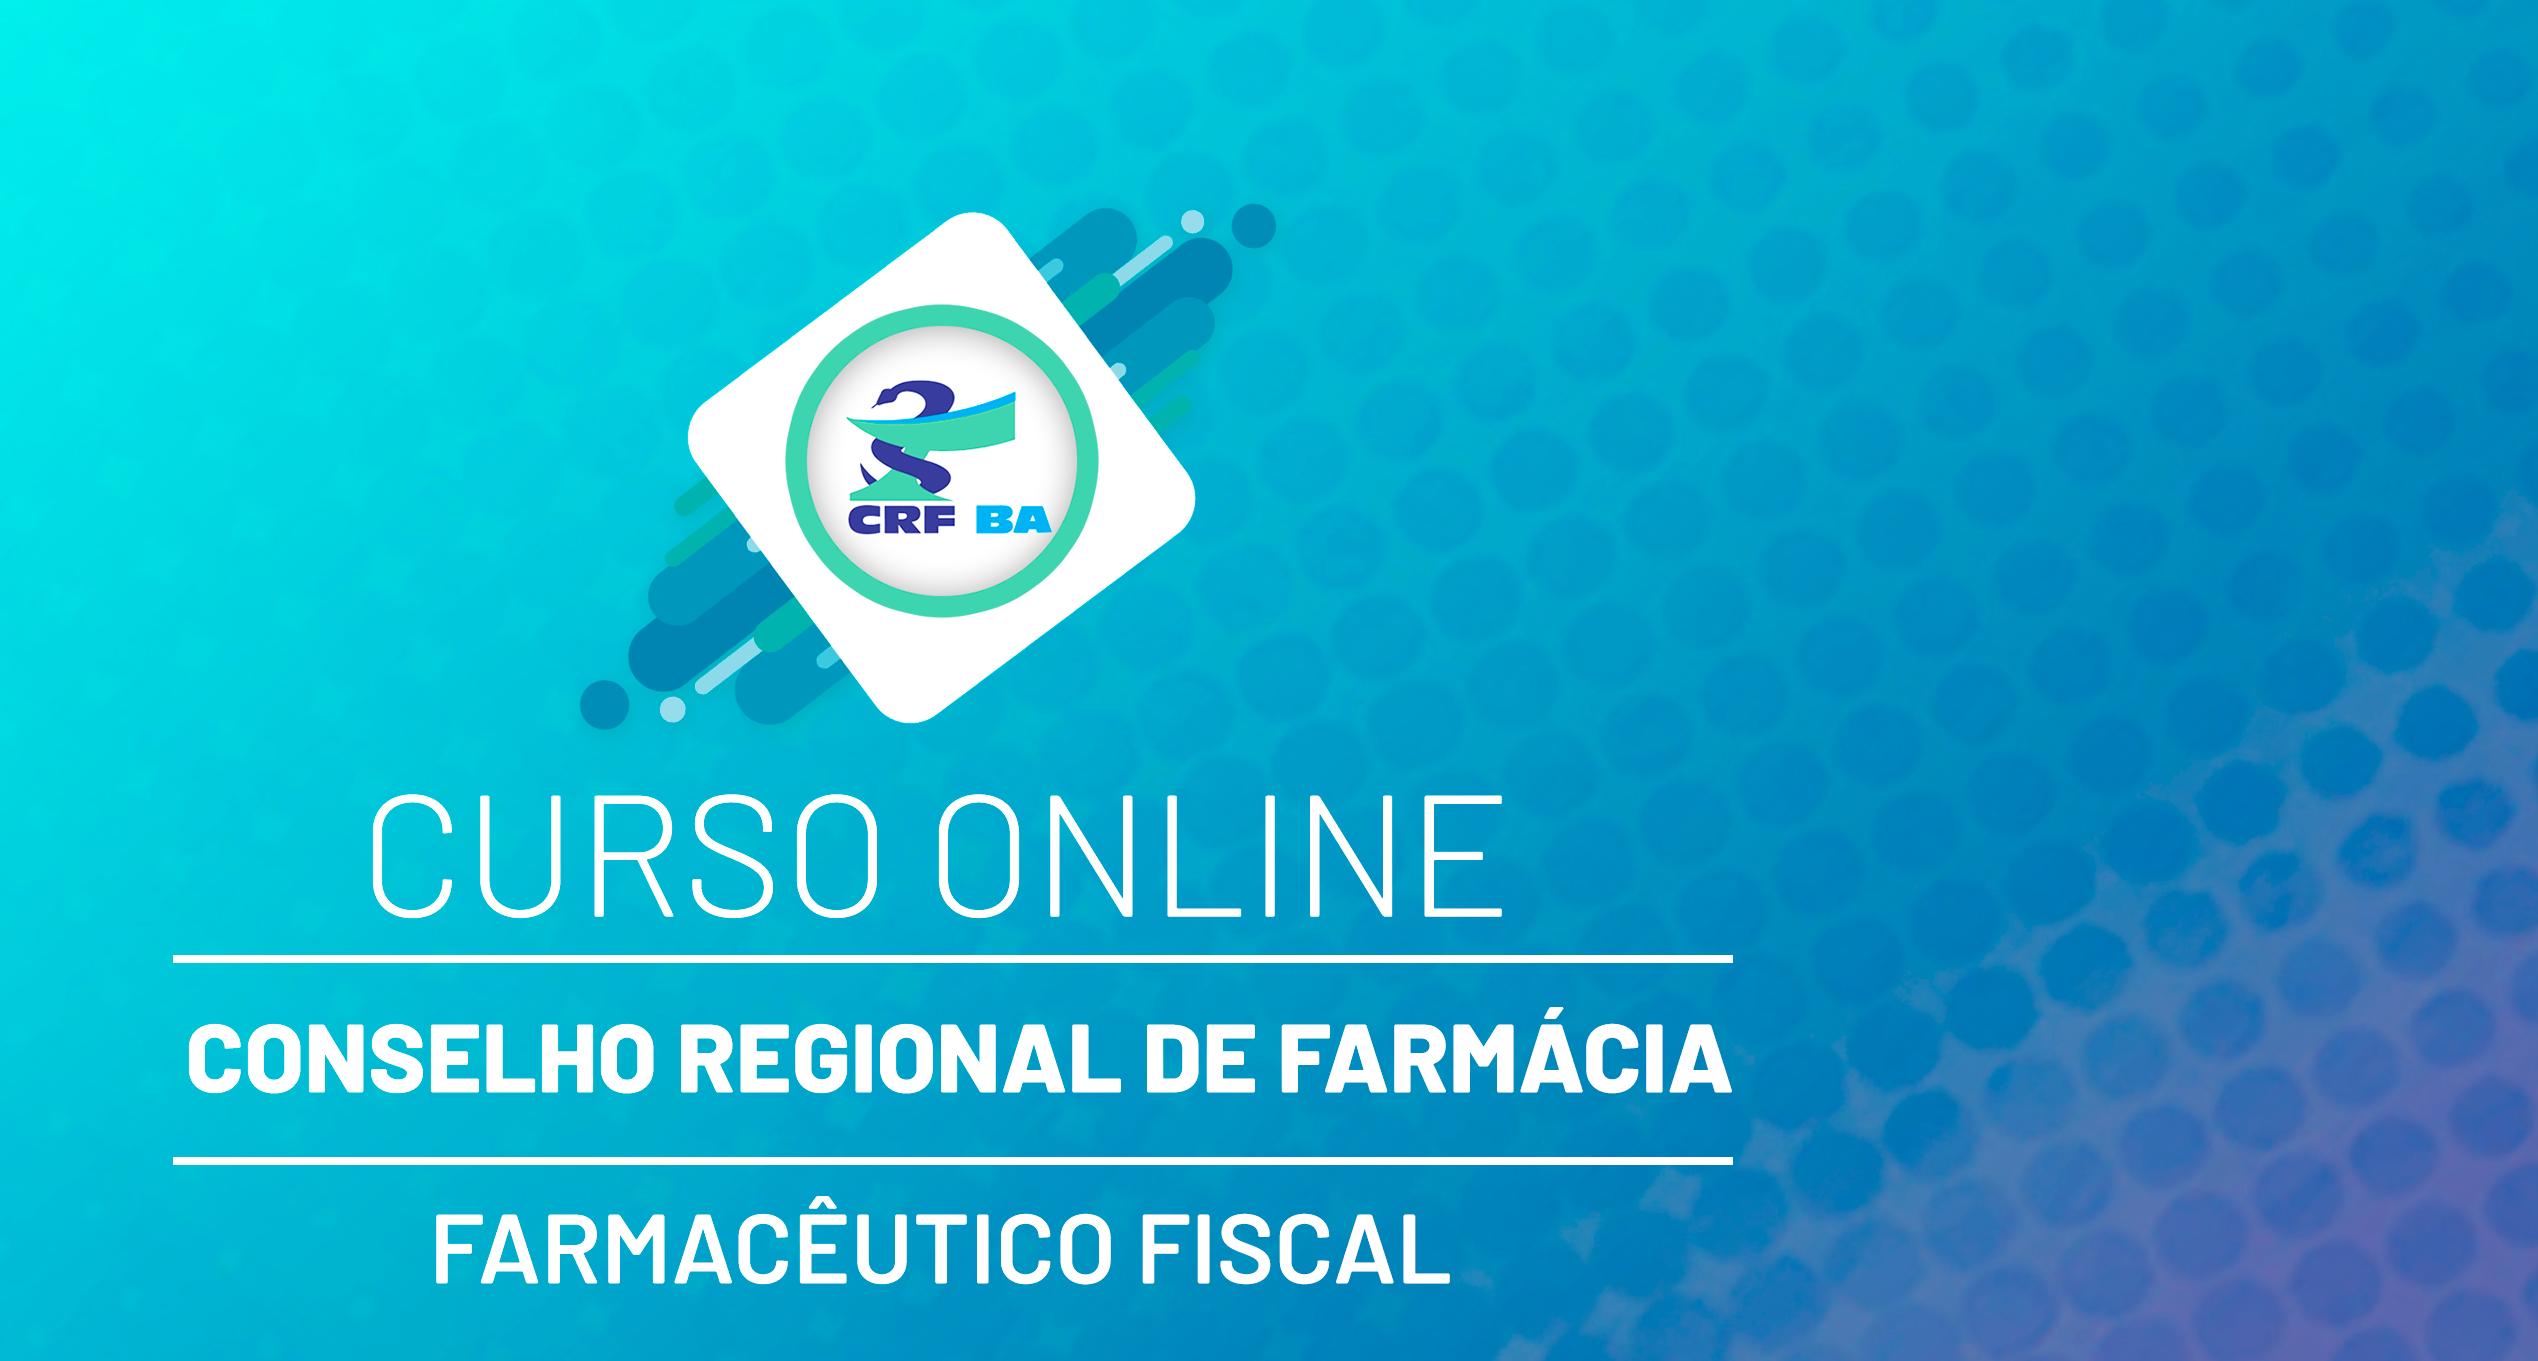 CRF - Conselho Regional de Farmácia - Nível Superior - Farmacêutico Fiscal